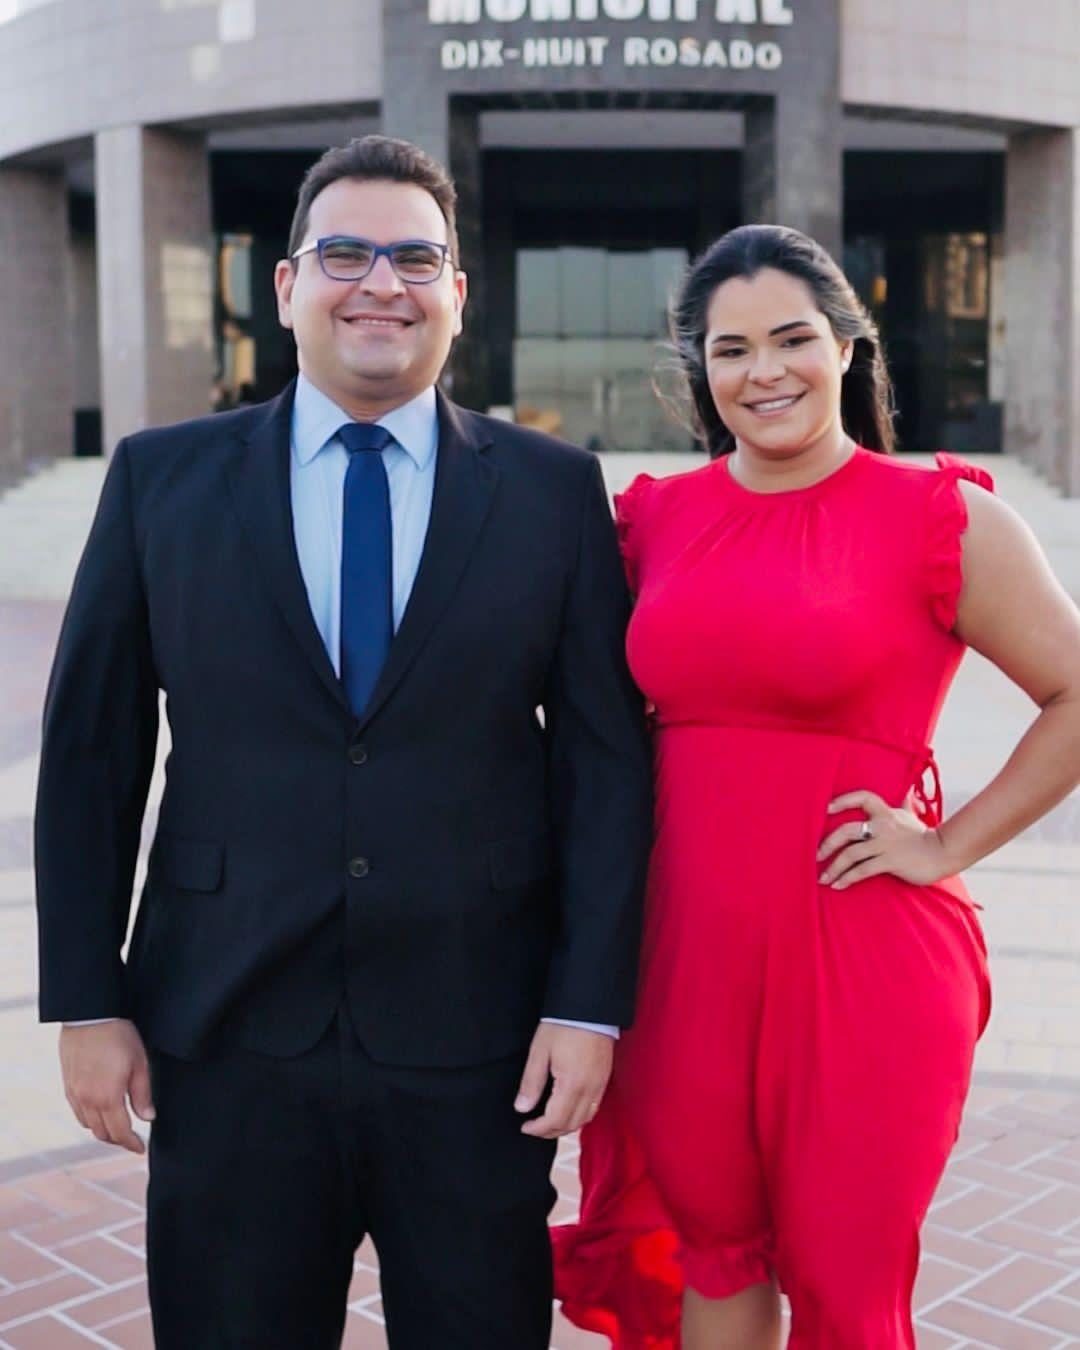 Eleições OAB: Luiz Carlos confirma nome da advogada Helena Belmont como vice